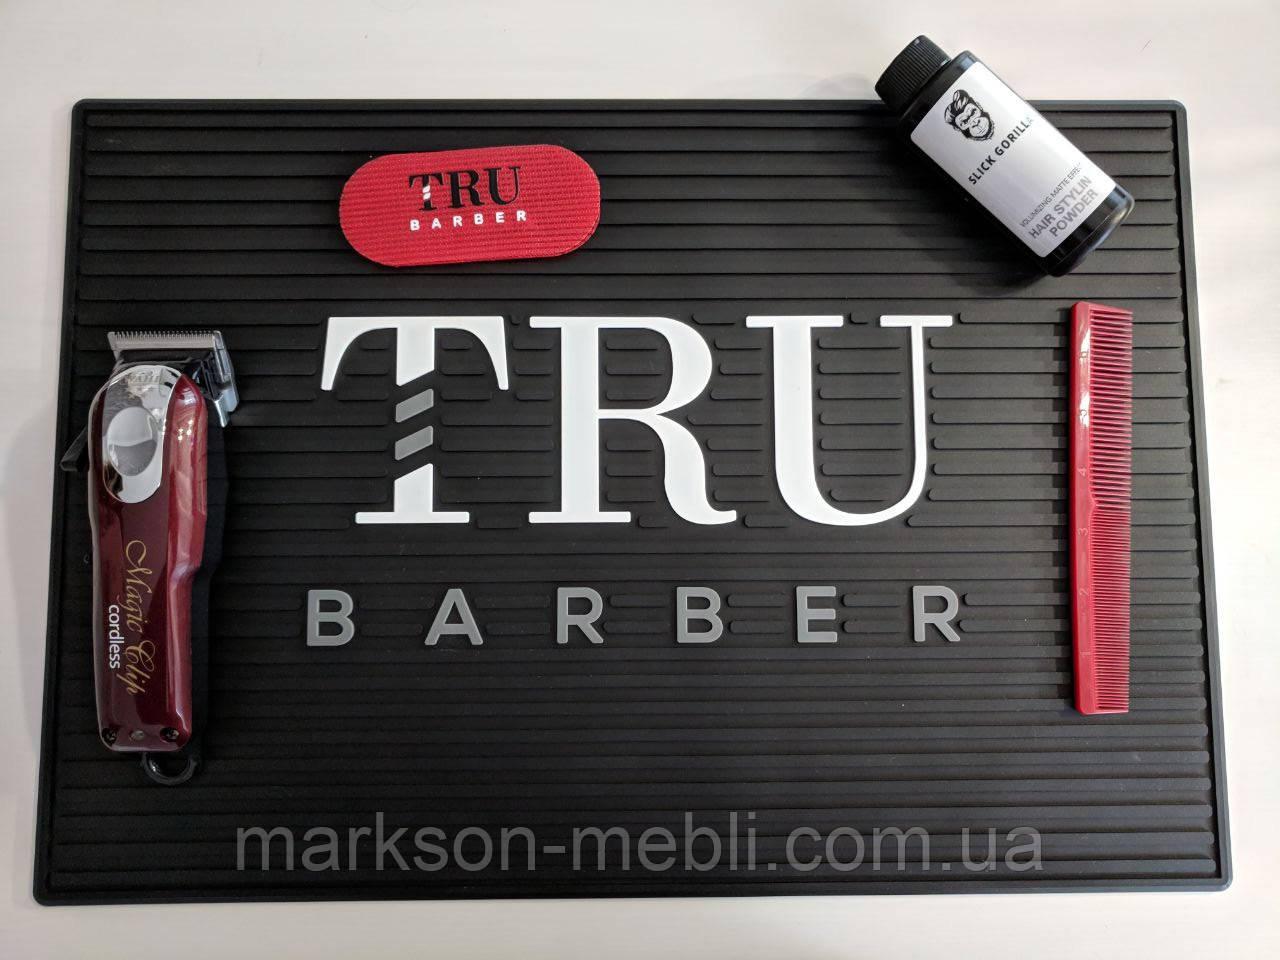 Резиновый коврик для инструментов TruBarber чёрный с белым брендом